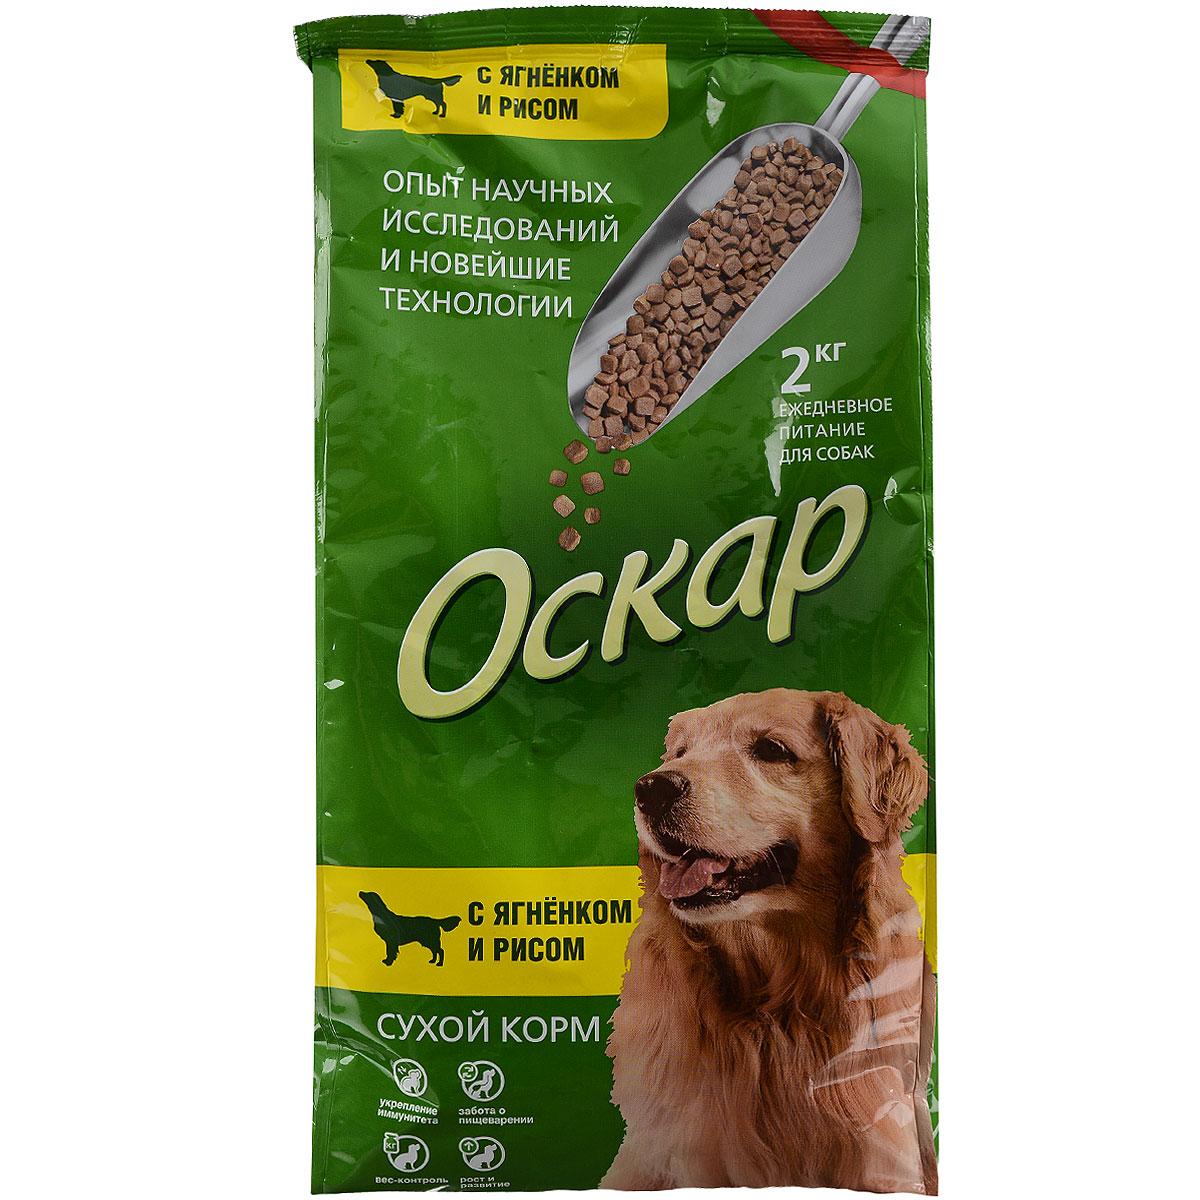 Корм сухой для собак Оскар, с ягненком и рисом, 2 кг12171996Сухой корм для собак Оскар представляет собой особую формулу питания, основанную на современных исследованиях в области диетологии и питания домашних животных, а также предпочтениях ваших питомцев. Корм изготовлен из высококачественных ингредиентов, не содержит искусственных красителей и консервантов. Специальная рецептура обеспечивает оптимальный баланс питательных веществ, витаминов и микроэлементов. Особенности: - укрепление иммунитета, - подвижность, - кальций, - вес-контроль, - забота о шерсти и коже, - рост и развитие, - забота о пищеварении, - жизненный тонус. Состав: злаки (рис), экстракт белка растительного происхождения, мясо и мясопродукты (в том числе ягненок-печень), подсолнечное масло, пшеничные отруби, минеральные добавки, пульпа сахарной свеклы (жом), витамины, антиоксидант. Содержание питательных веществ: сырой протеин 22%, сырой жир 12%, сырая клетчатка 3%, сырая зола 7%, влажность 10%, кальций 1,05%, фосфор 0,9%. Витамины: витамин А 6000 МЕ/кг, витамин Д3 600 МЕ/кг, витамин Е 50 мг/кг. Товар сертифицирован.